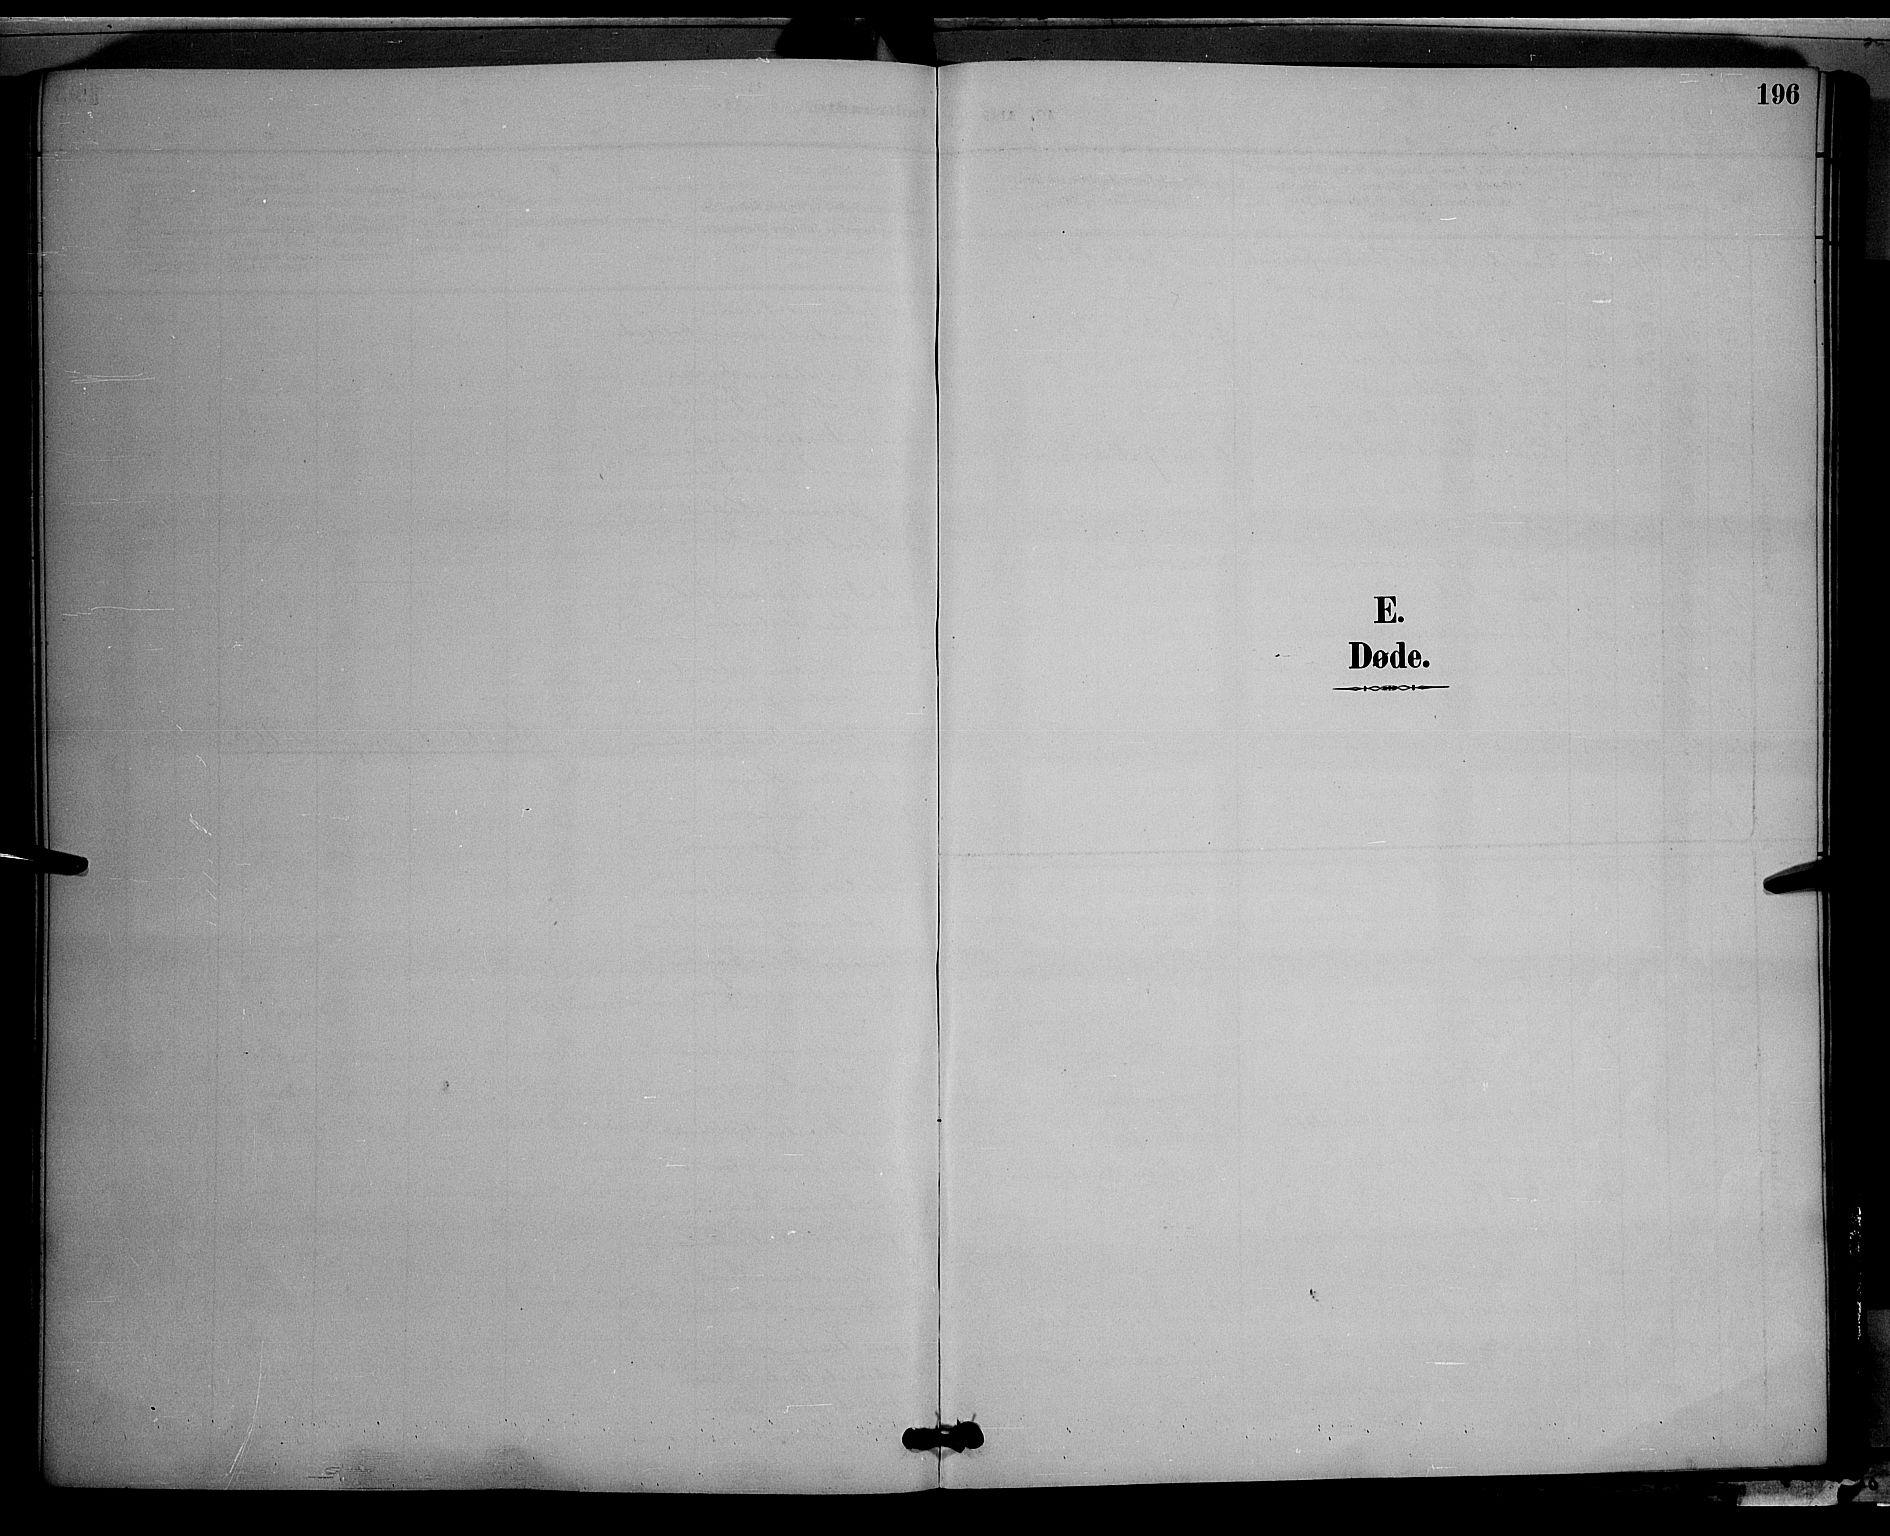 SAH, Vestre Toten prestekontor, Klokkerbok nr. 9, 1888-1900, s. 196